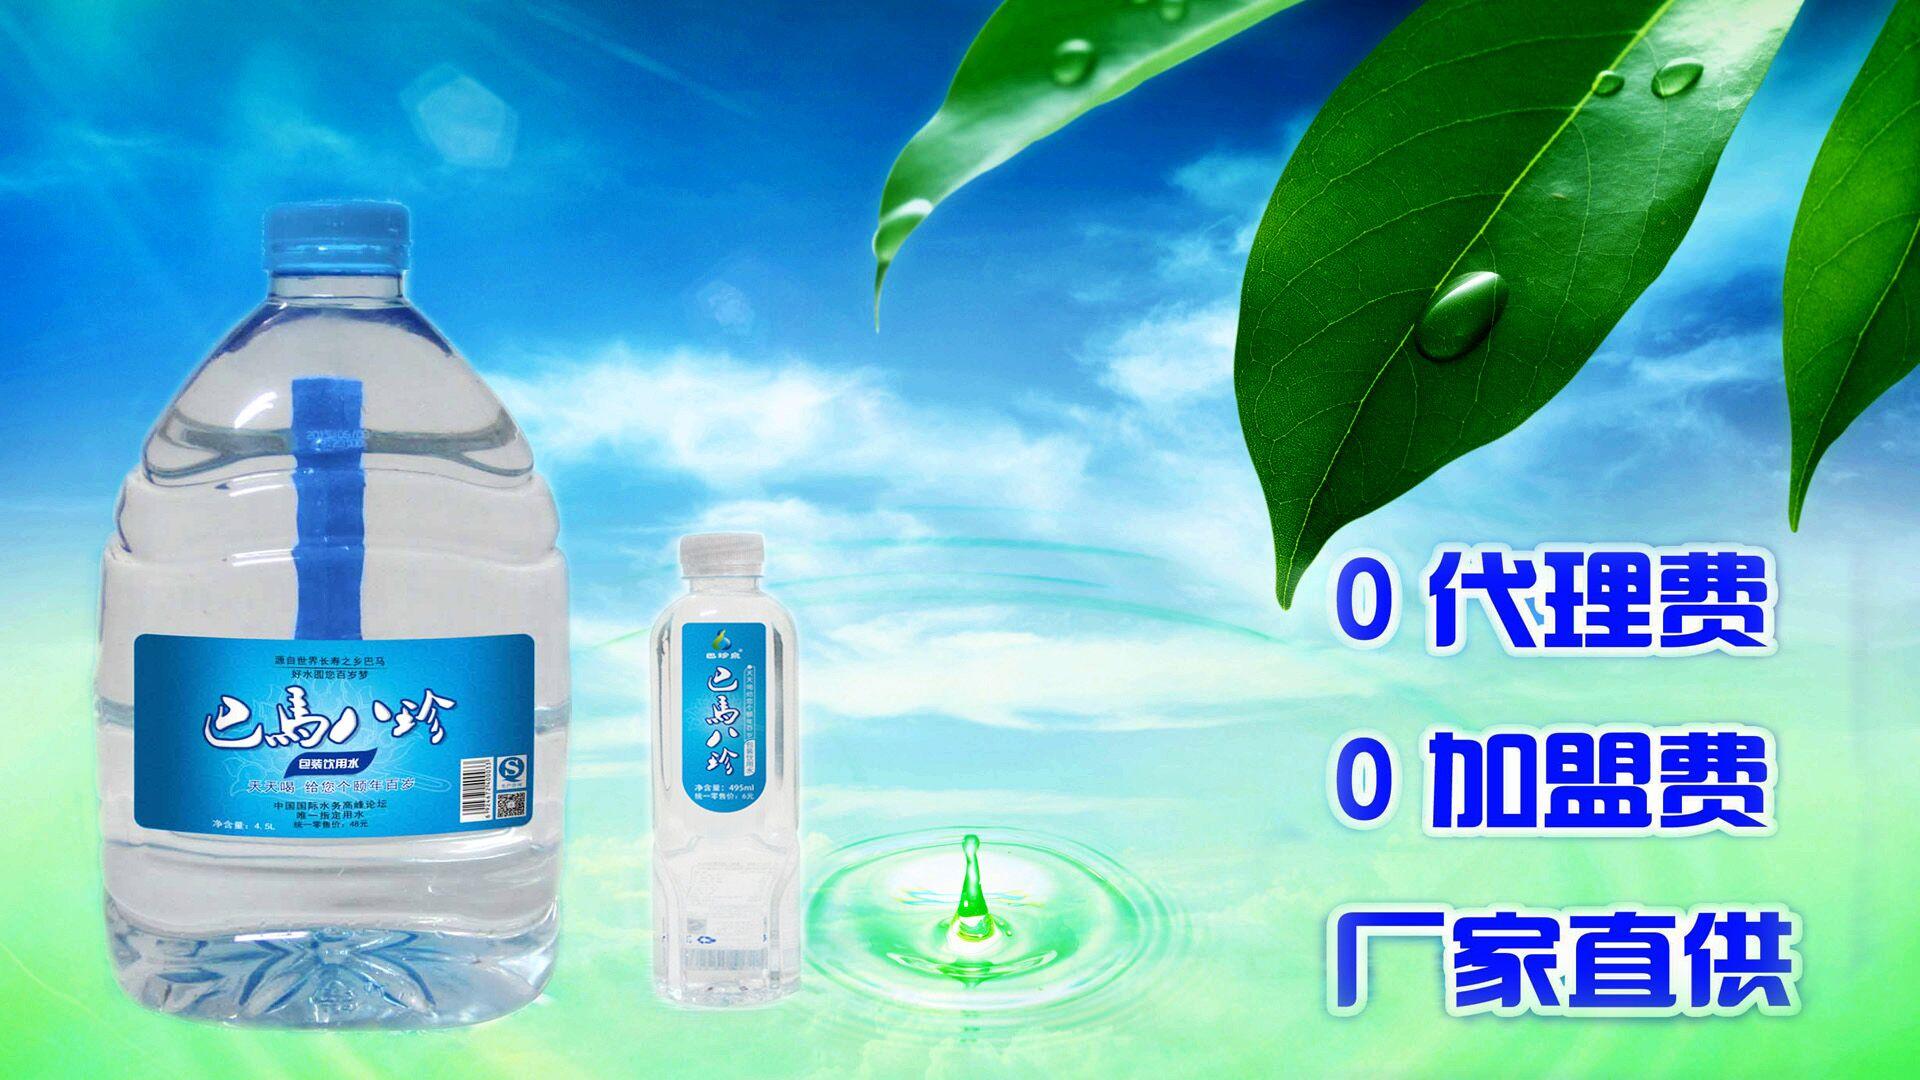 巴马八珍4.5L小桶装水 天然弱碱水 小分子水供应